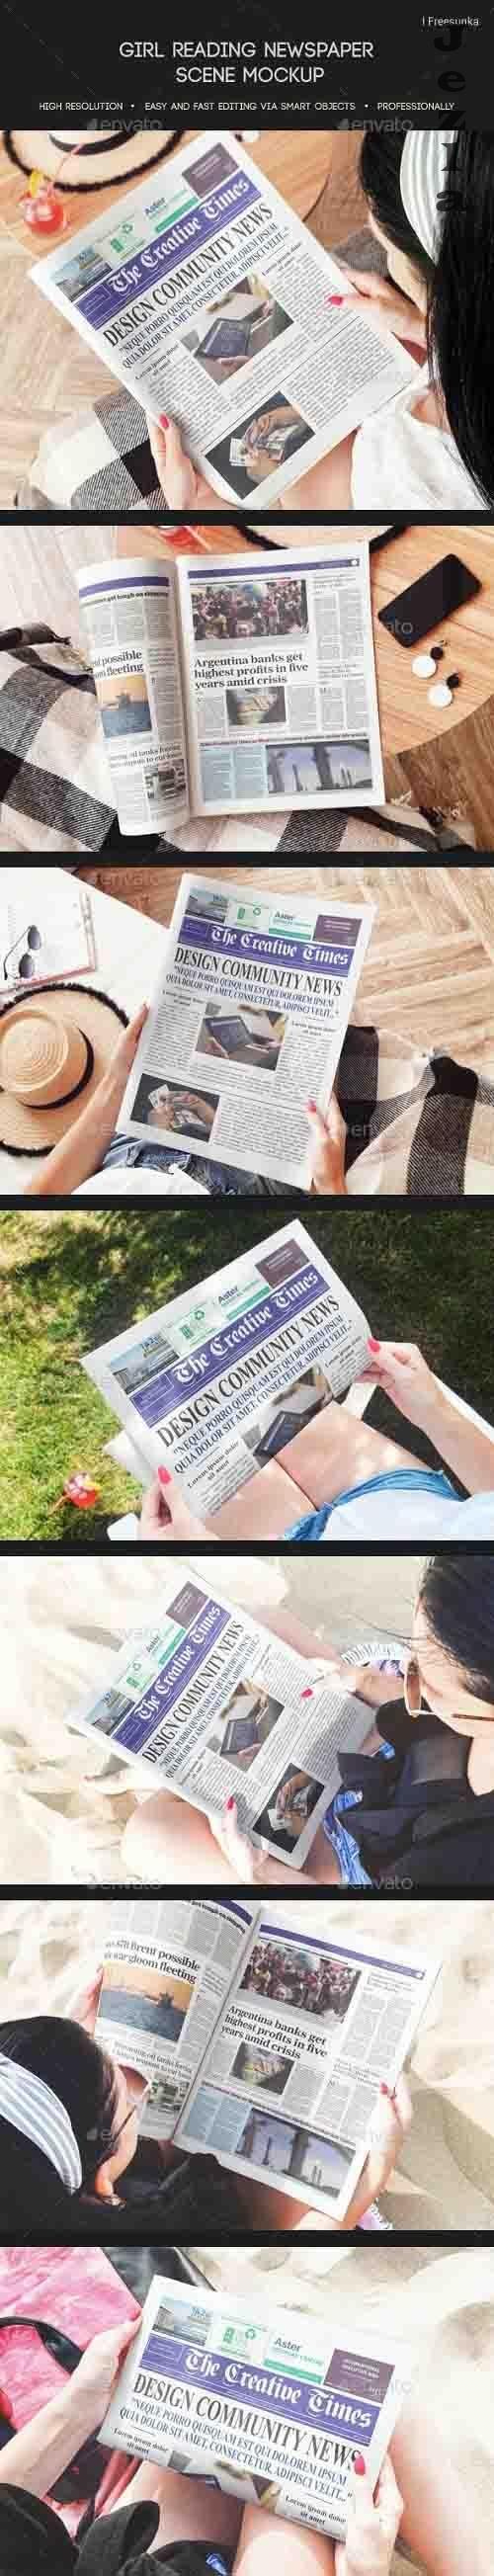 Girl Reading Newspaper Scene Mockup - 27927708